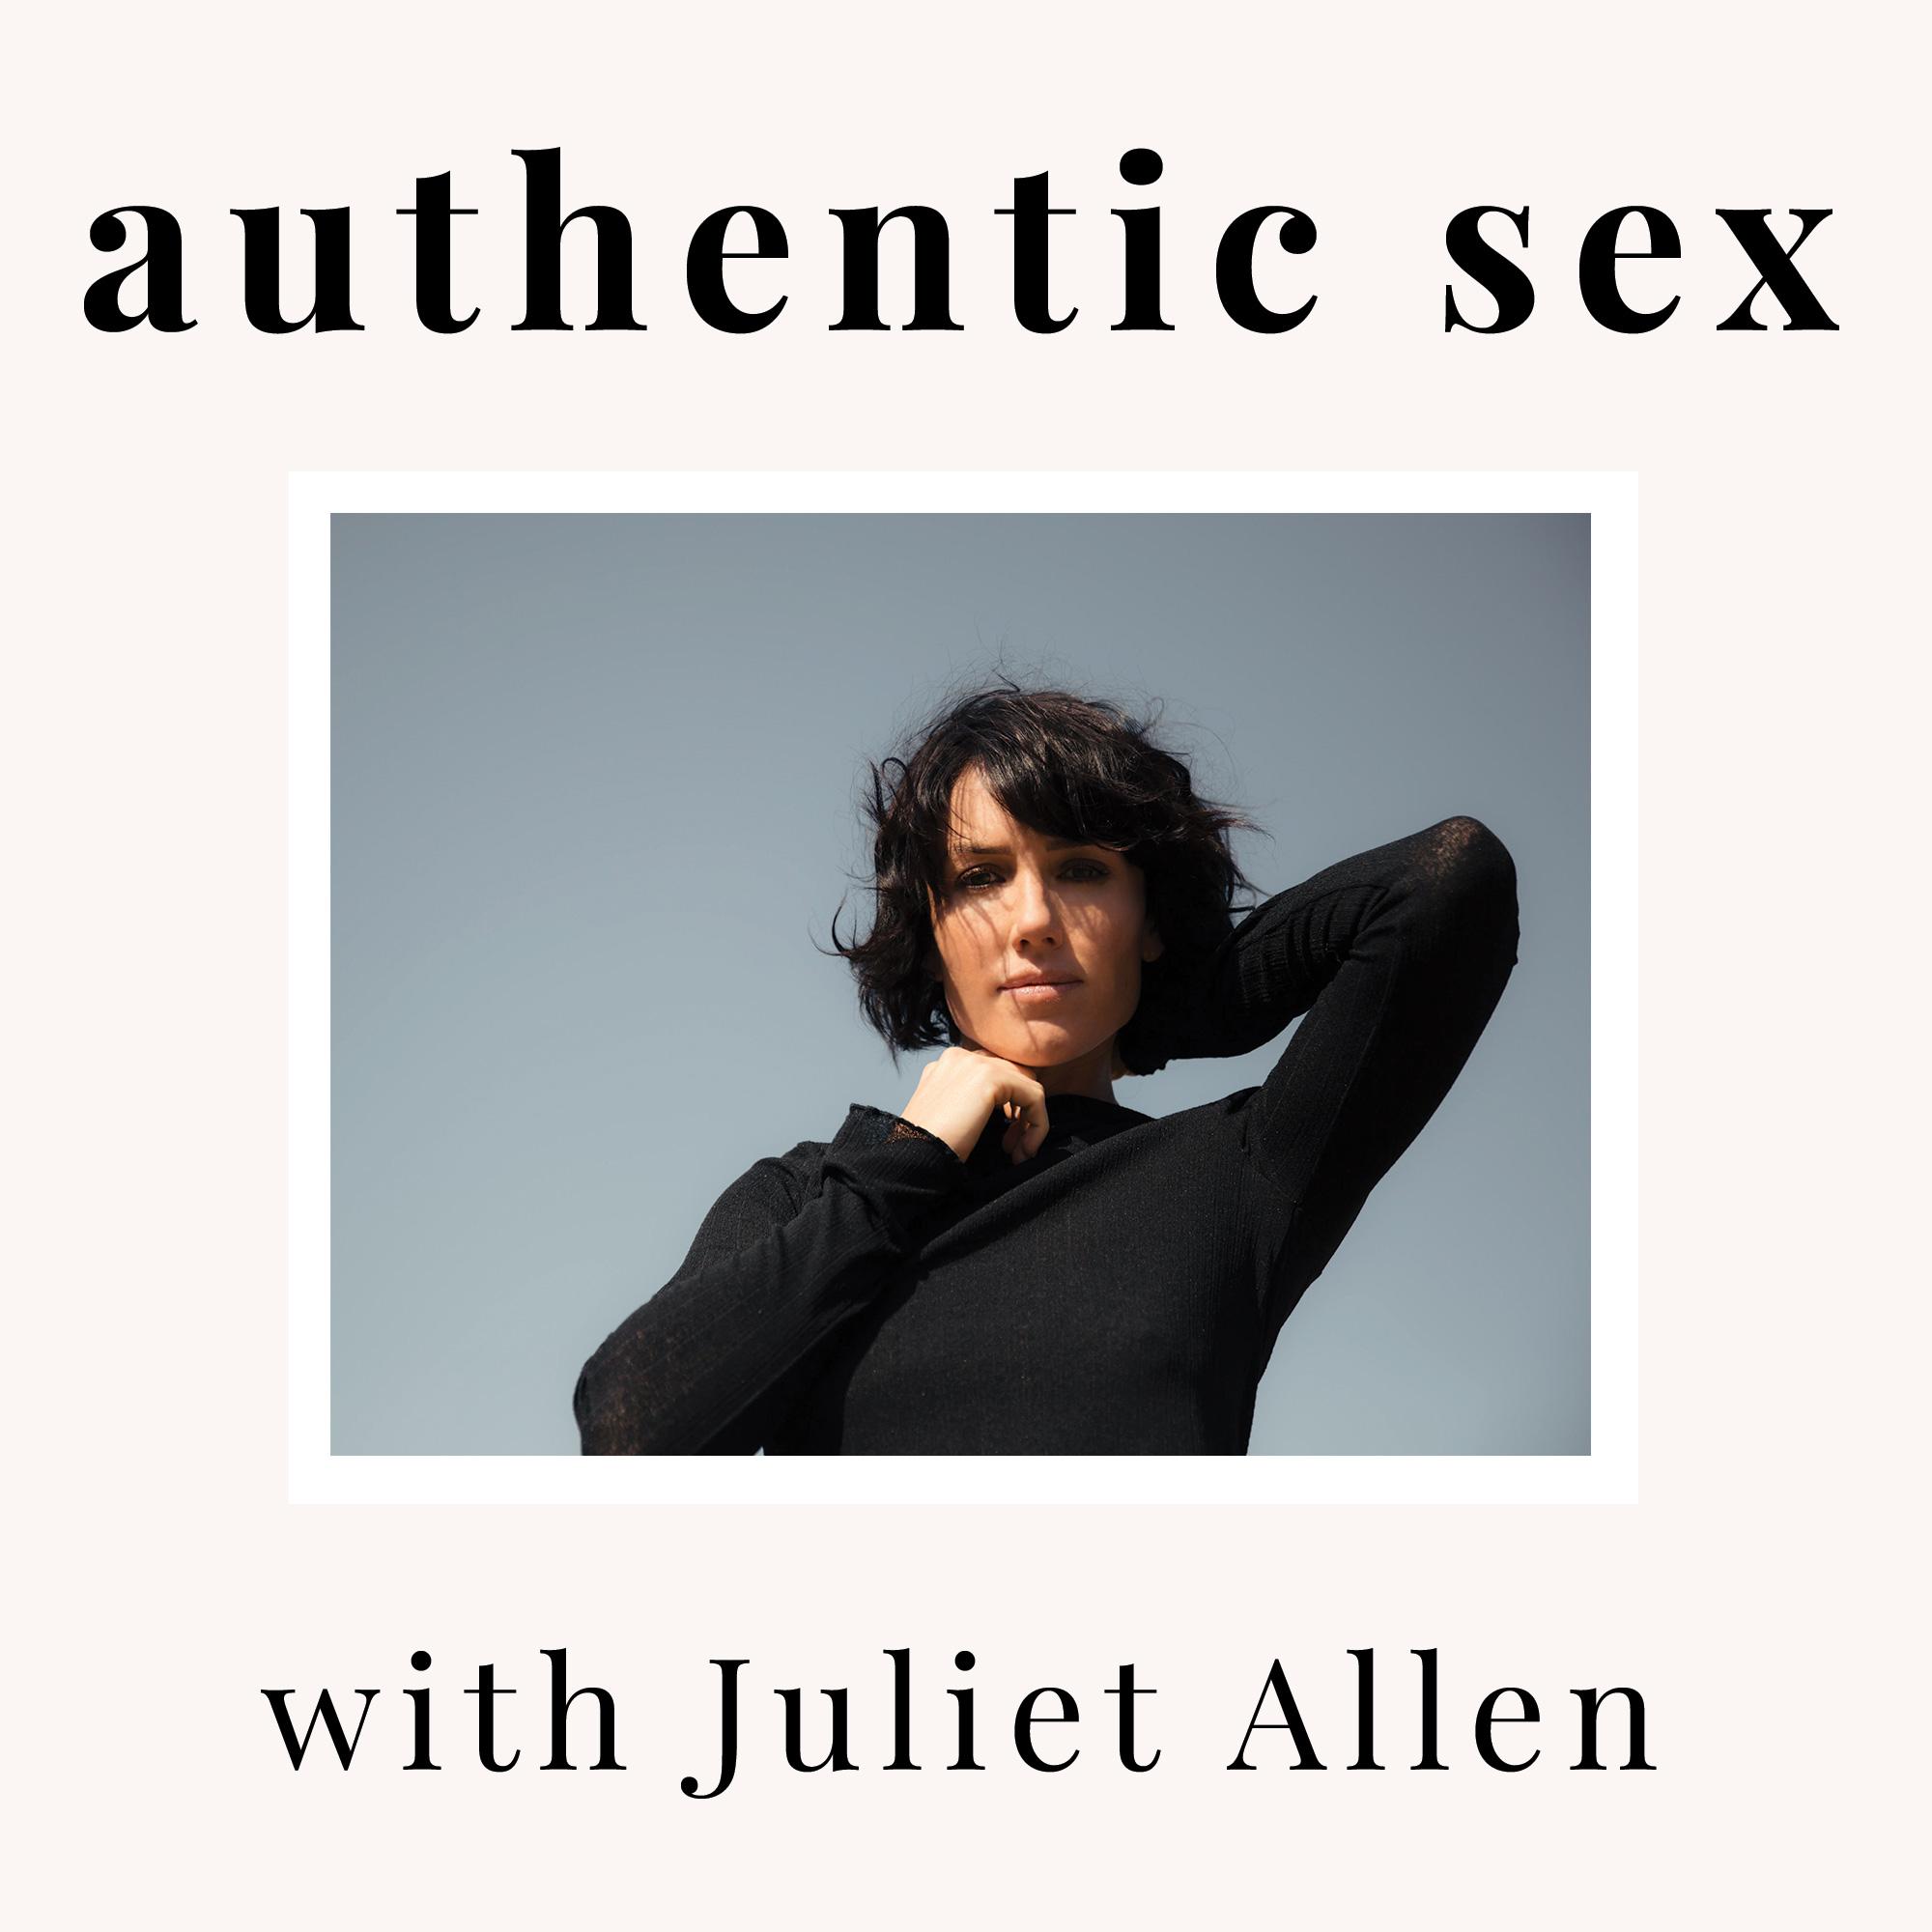 juliet allen authentic sex